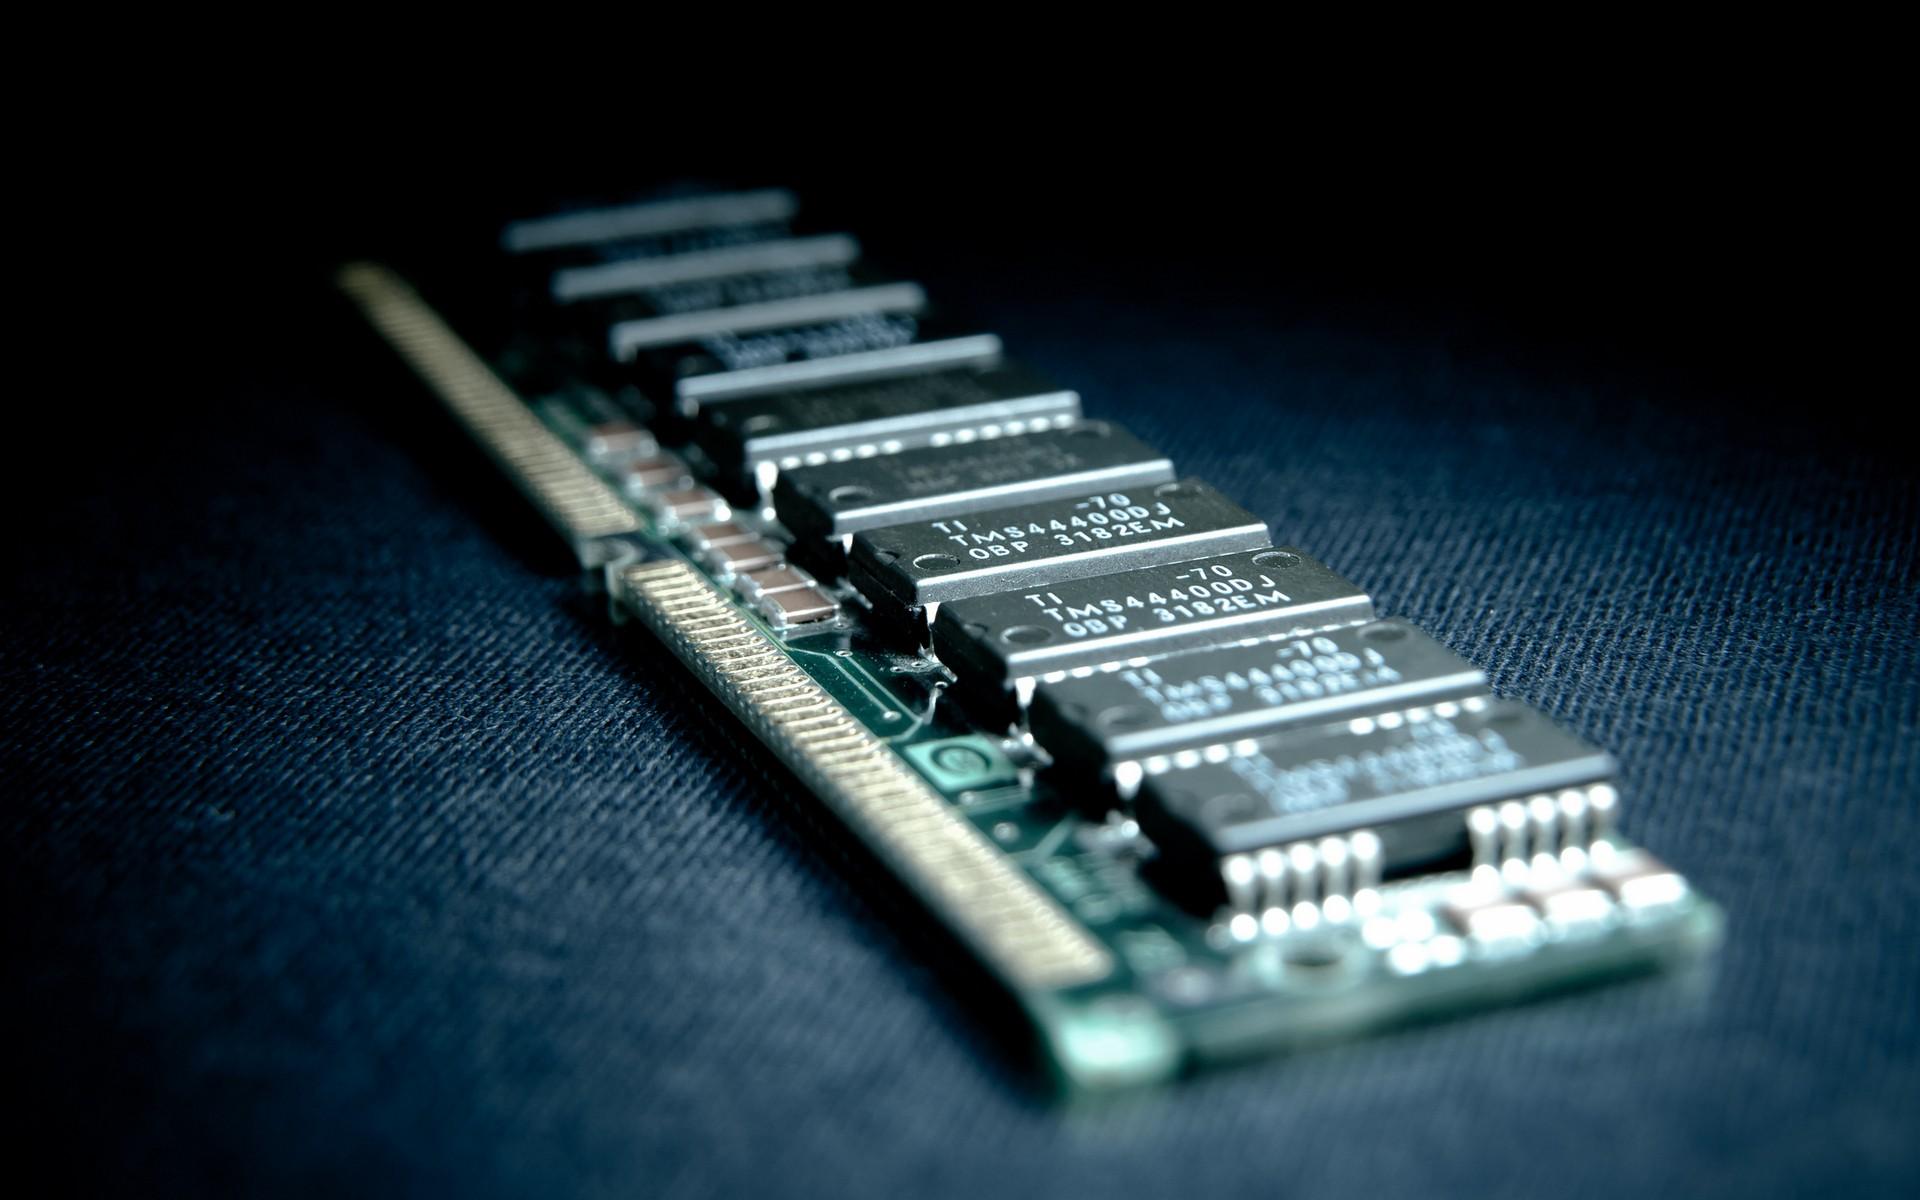 Медленная работа компьютера - признак проблем с оперативной памятью